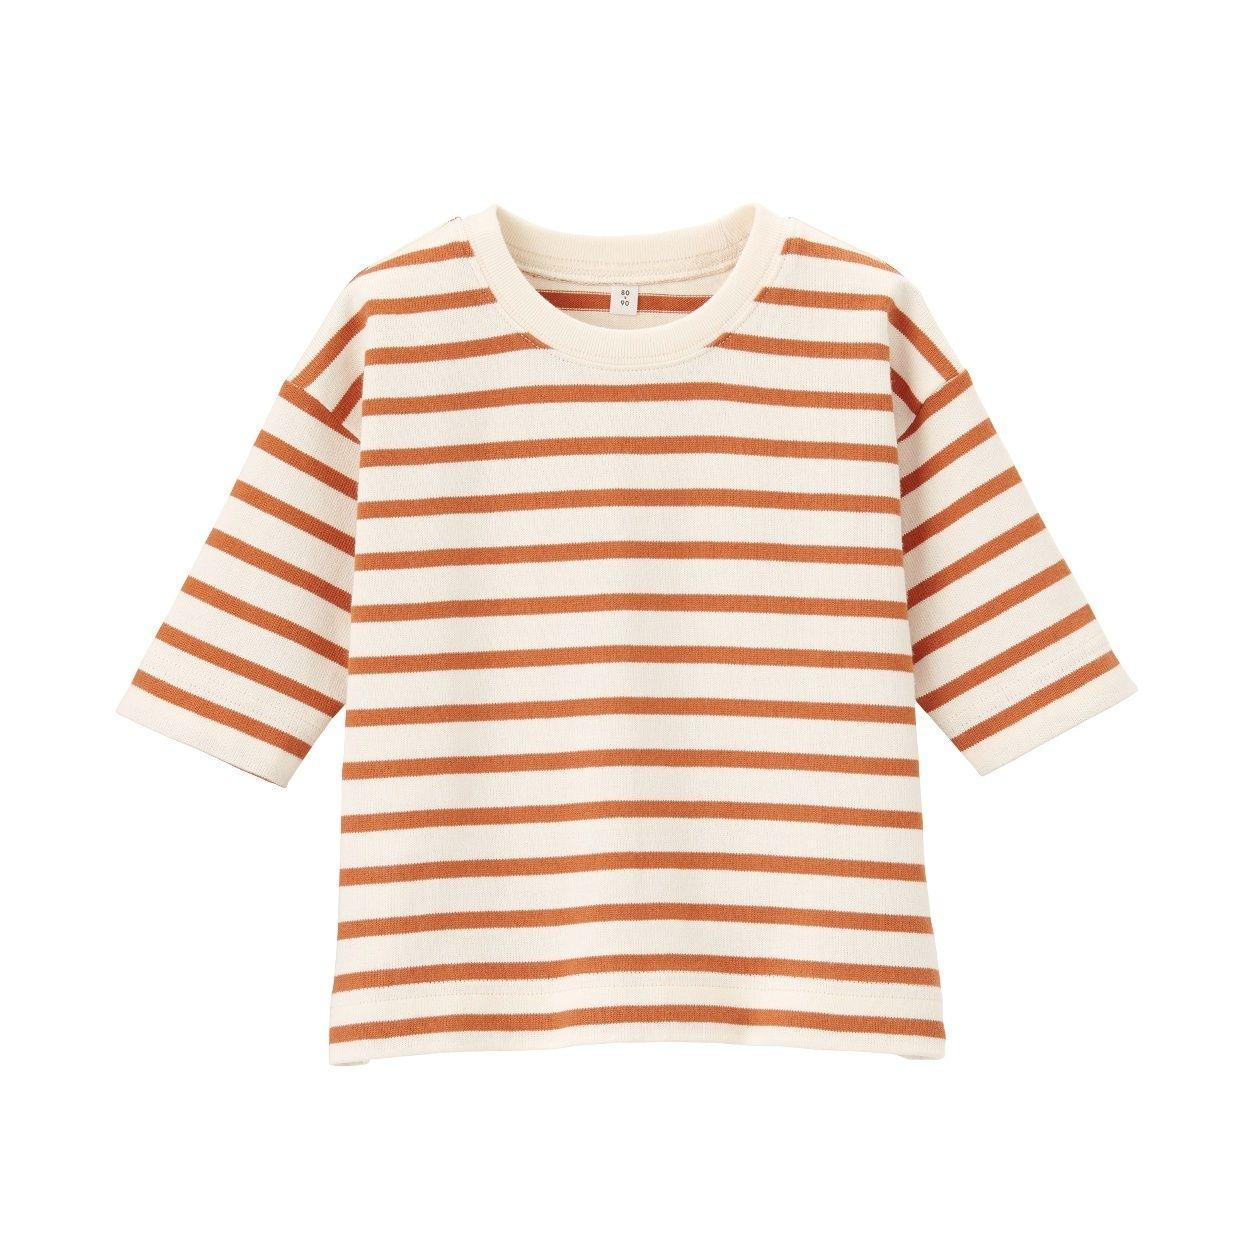 太番手ビッグシルエット 七分袖Tシャツ(ベビー)